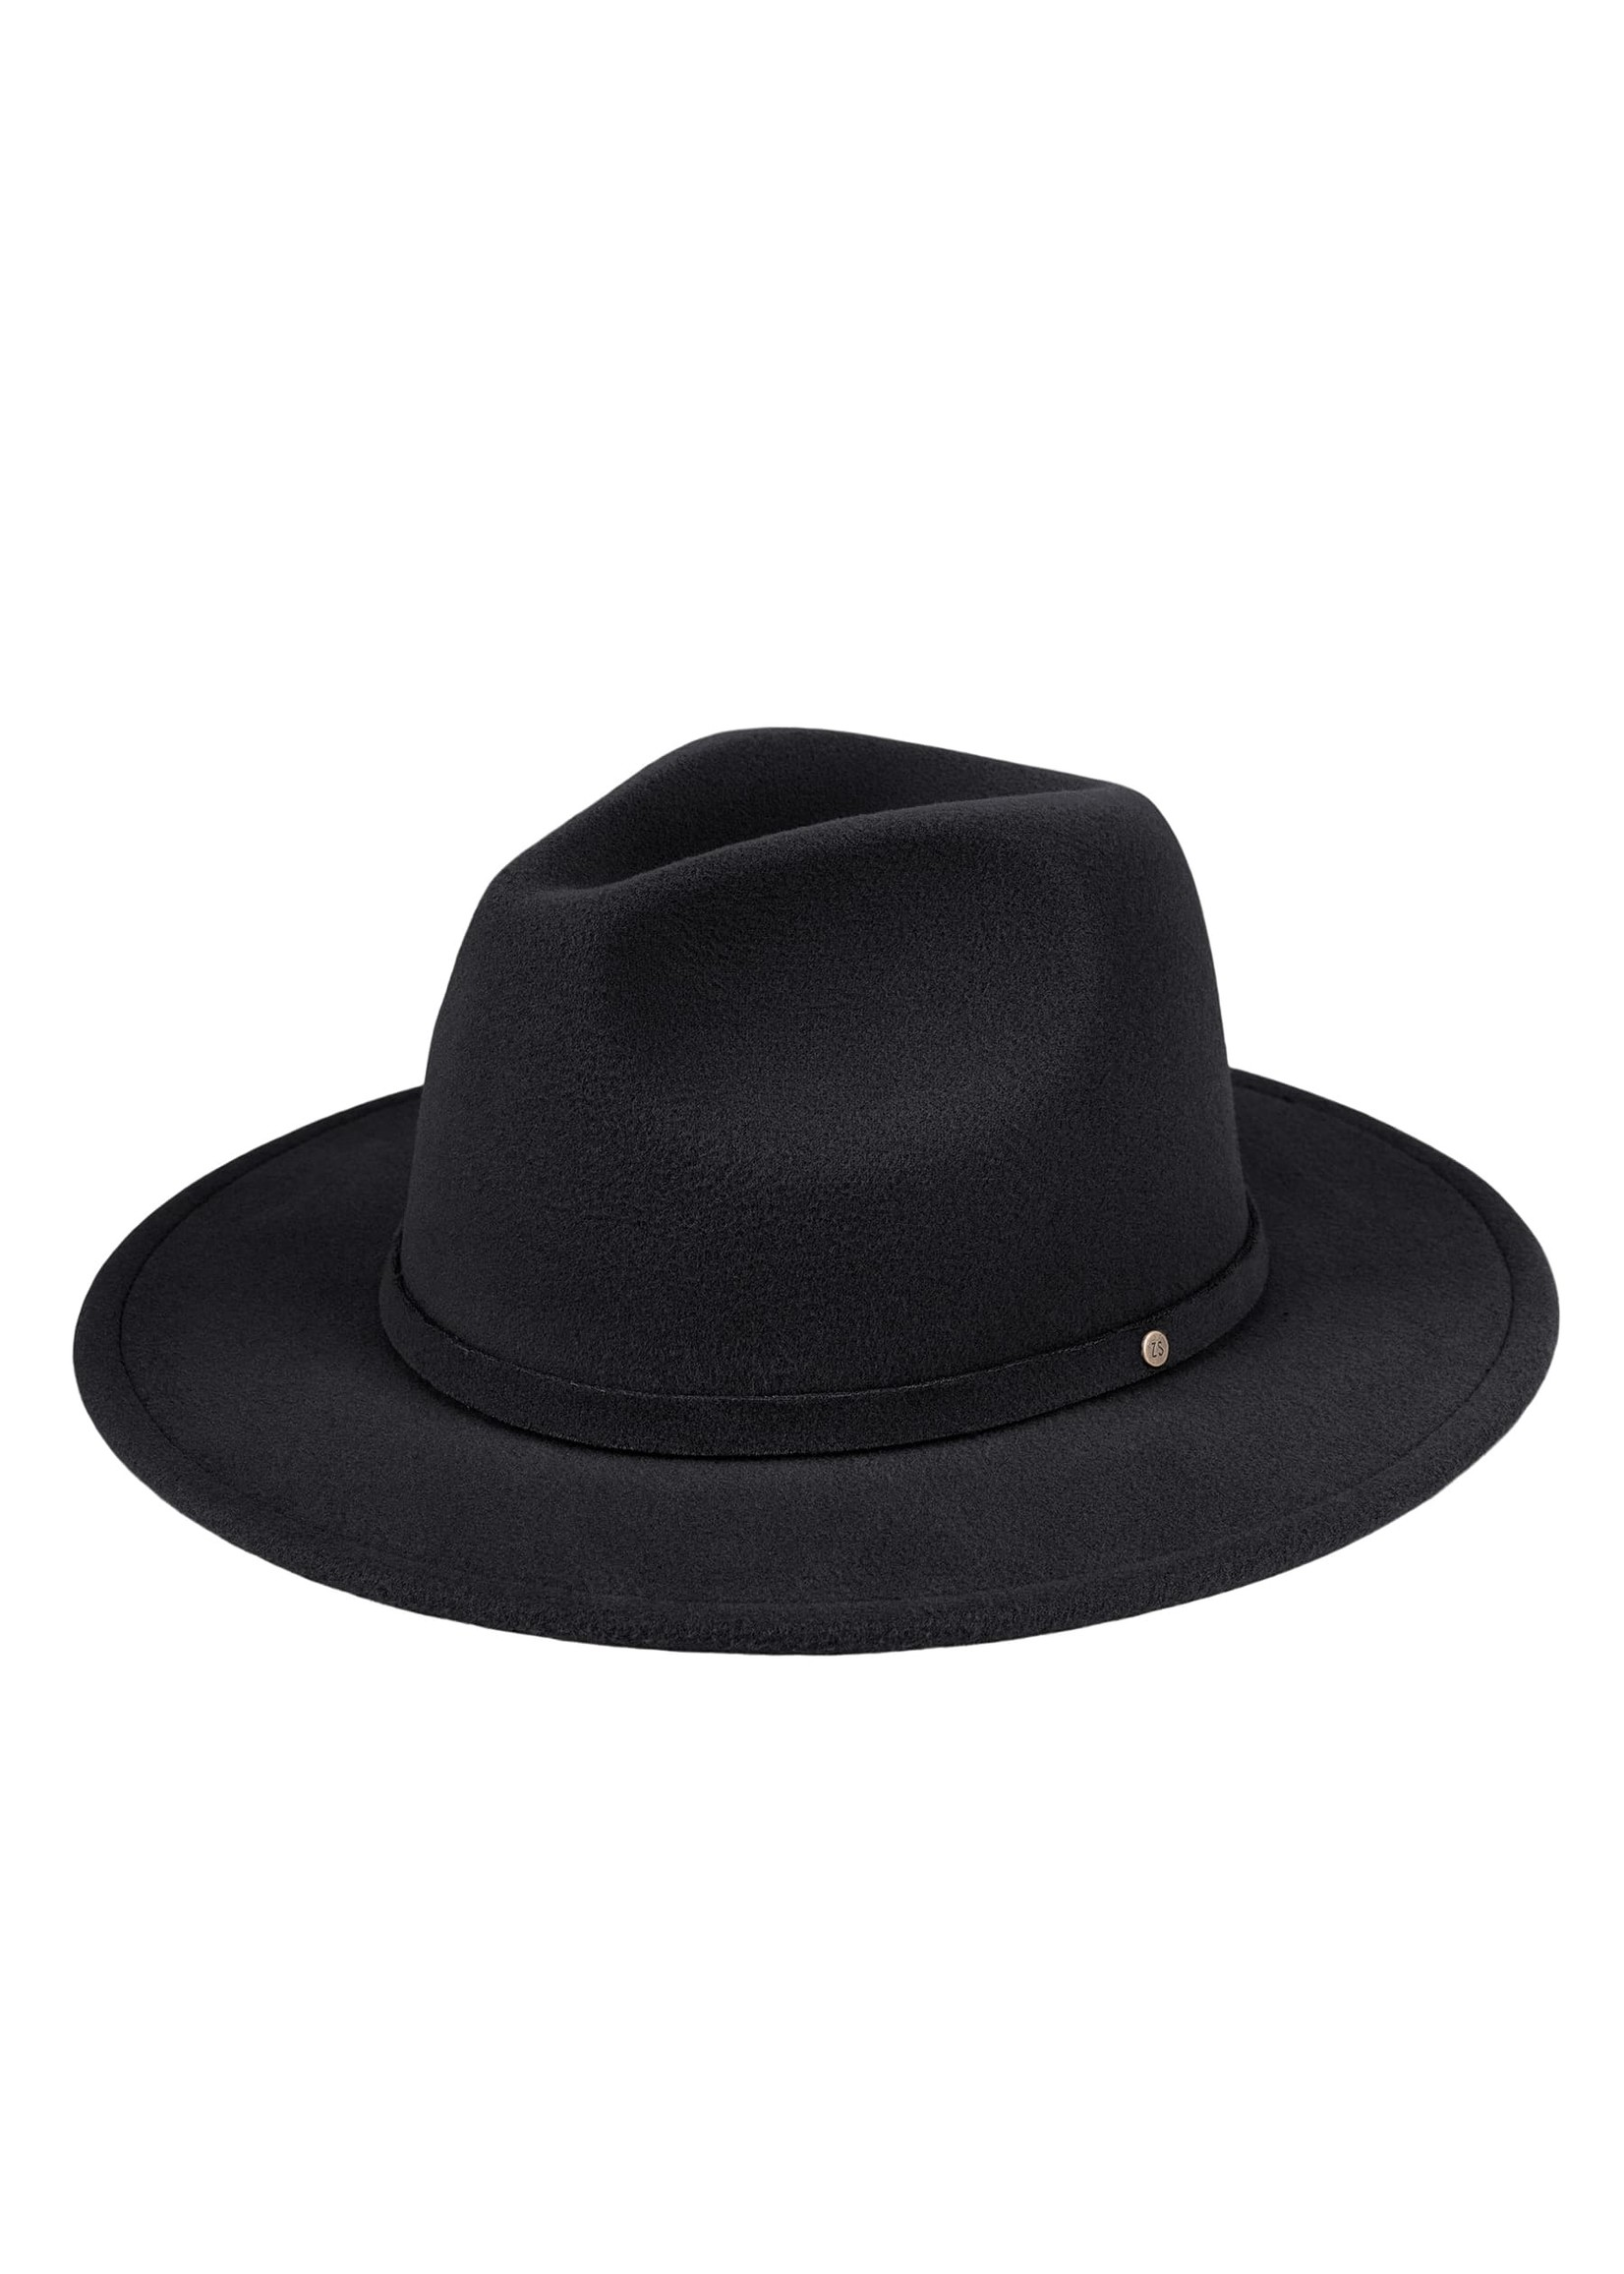 ZUSSS chique hoed zwart